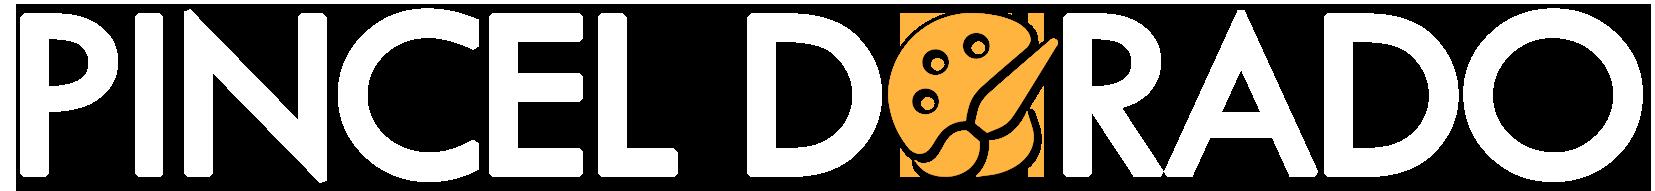 Pincel Dorado